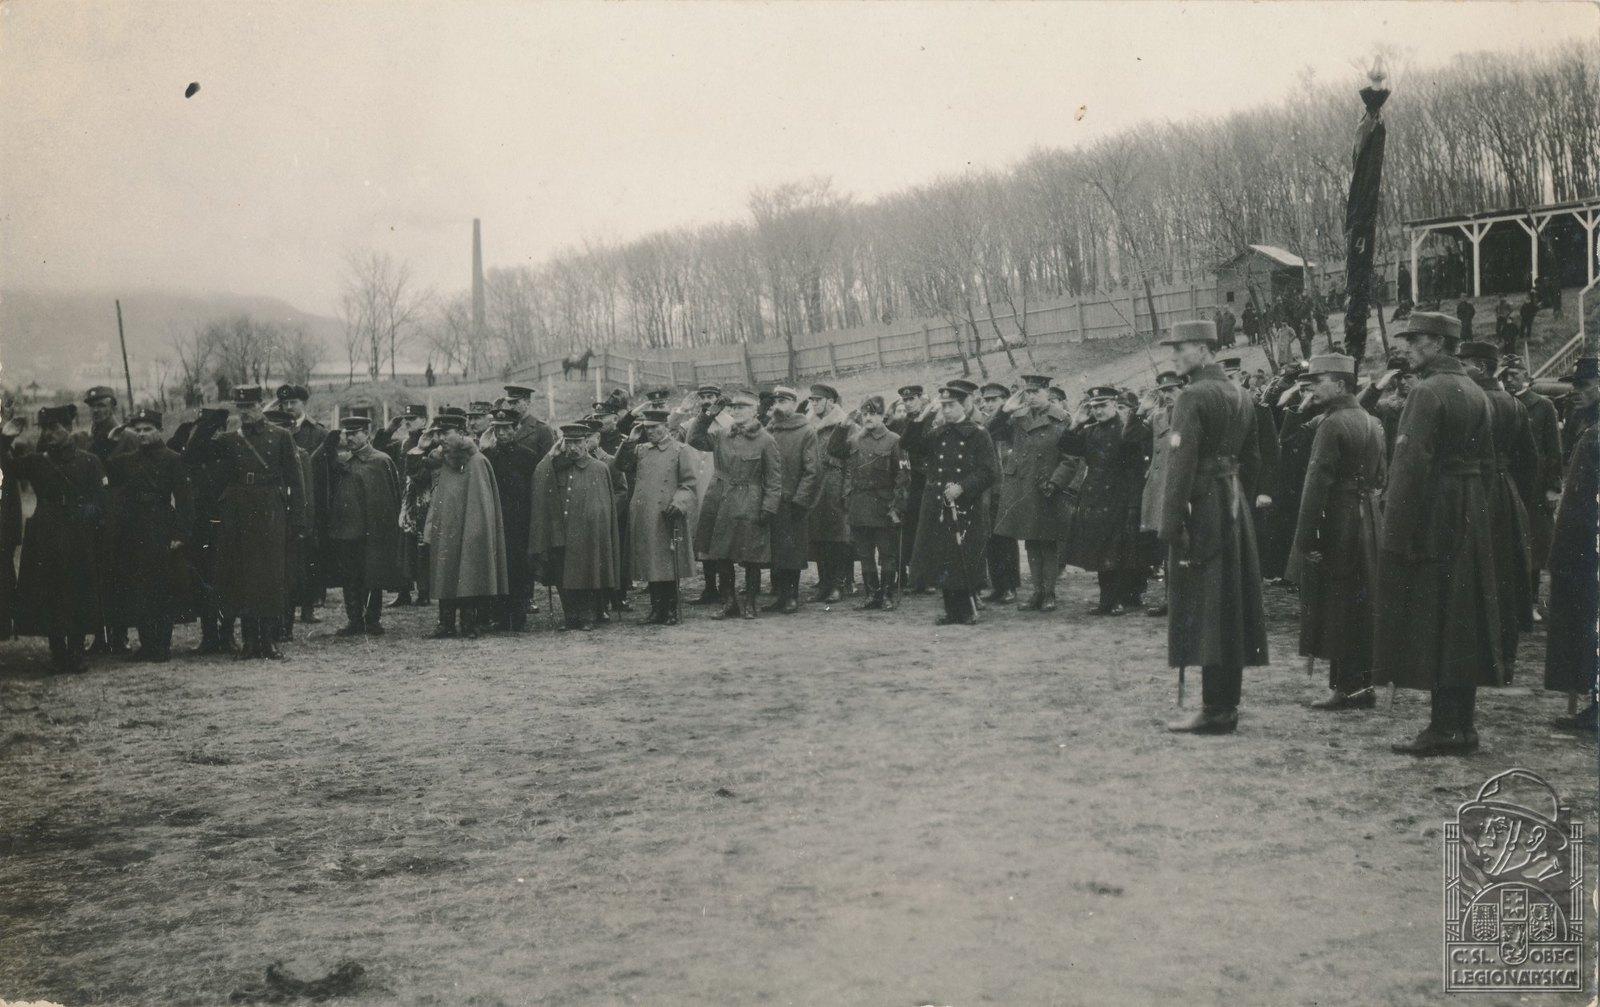 1920. Депутация союзных войск при проводах 4-го чехословацкого полка